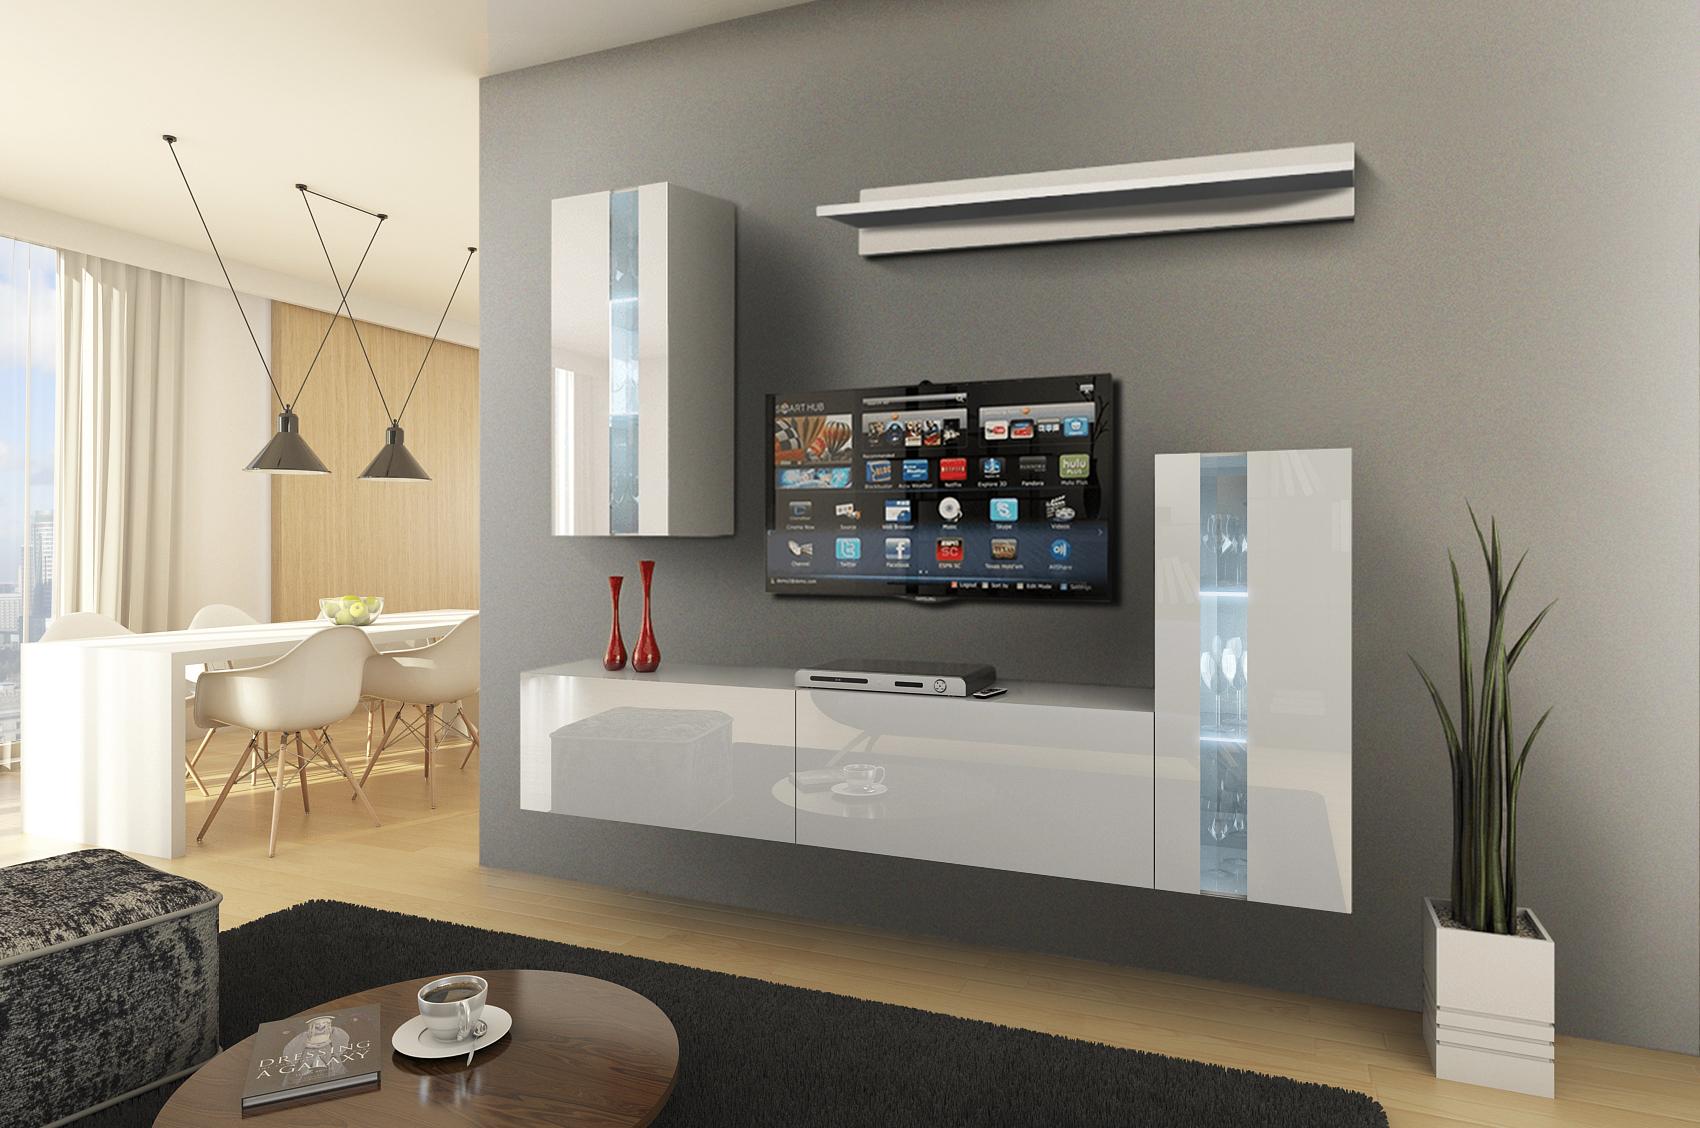 Future 15, Modernes Wohnzimmer, Wohnwände, Wohnschränke, Schrankwand, Möbel